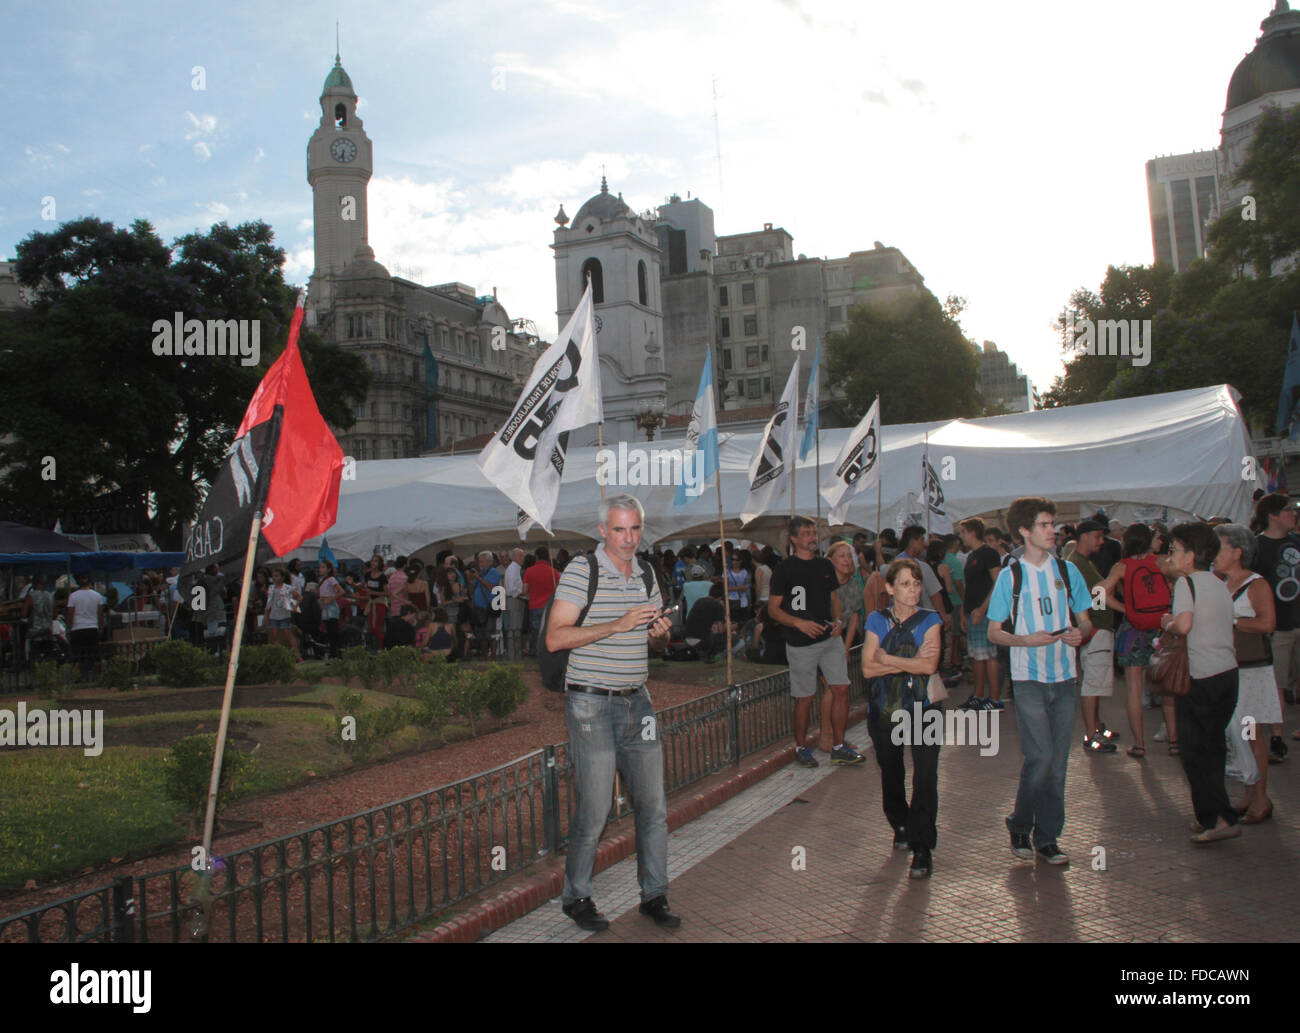 Buenos Aires, Argentine. 29 janvier, 2016. Les gens camping à Plaza de Mayo en face de Casa Rosada prétendant pour libre de militant social Milagro Sala détenu à Jujuy. Crédit: J. Beremblum Néstor/Alamy Live News Banque D'Images